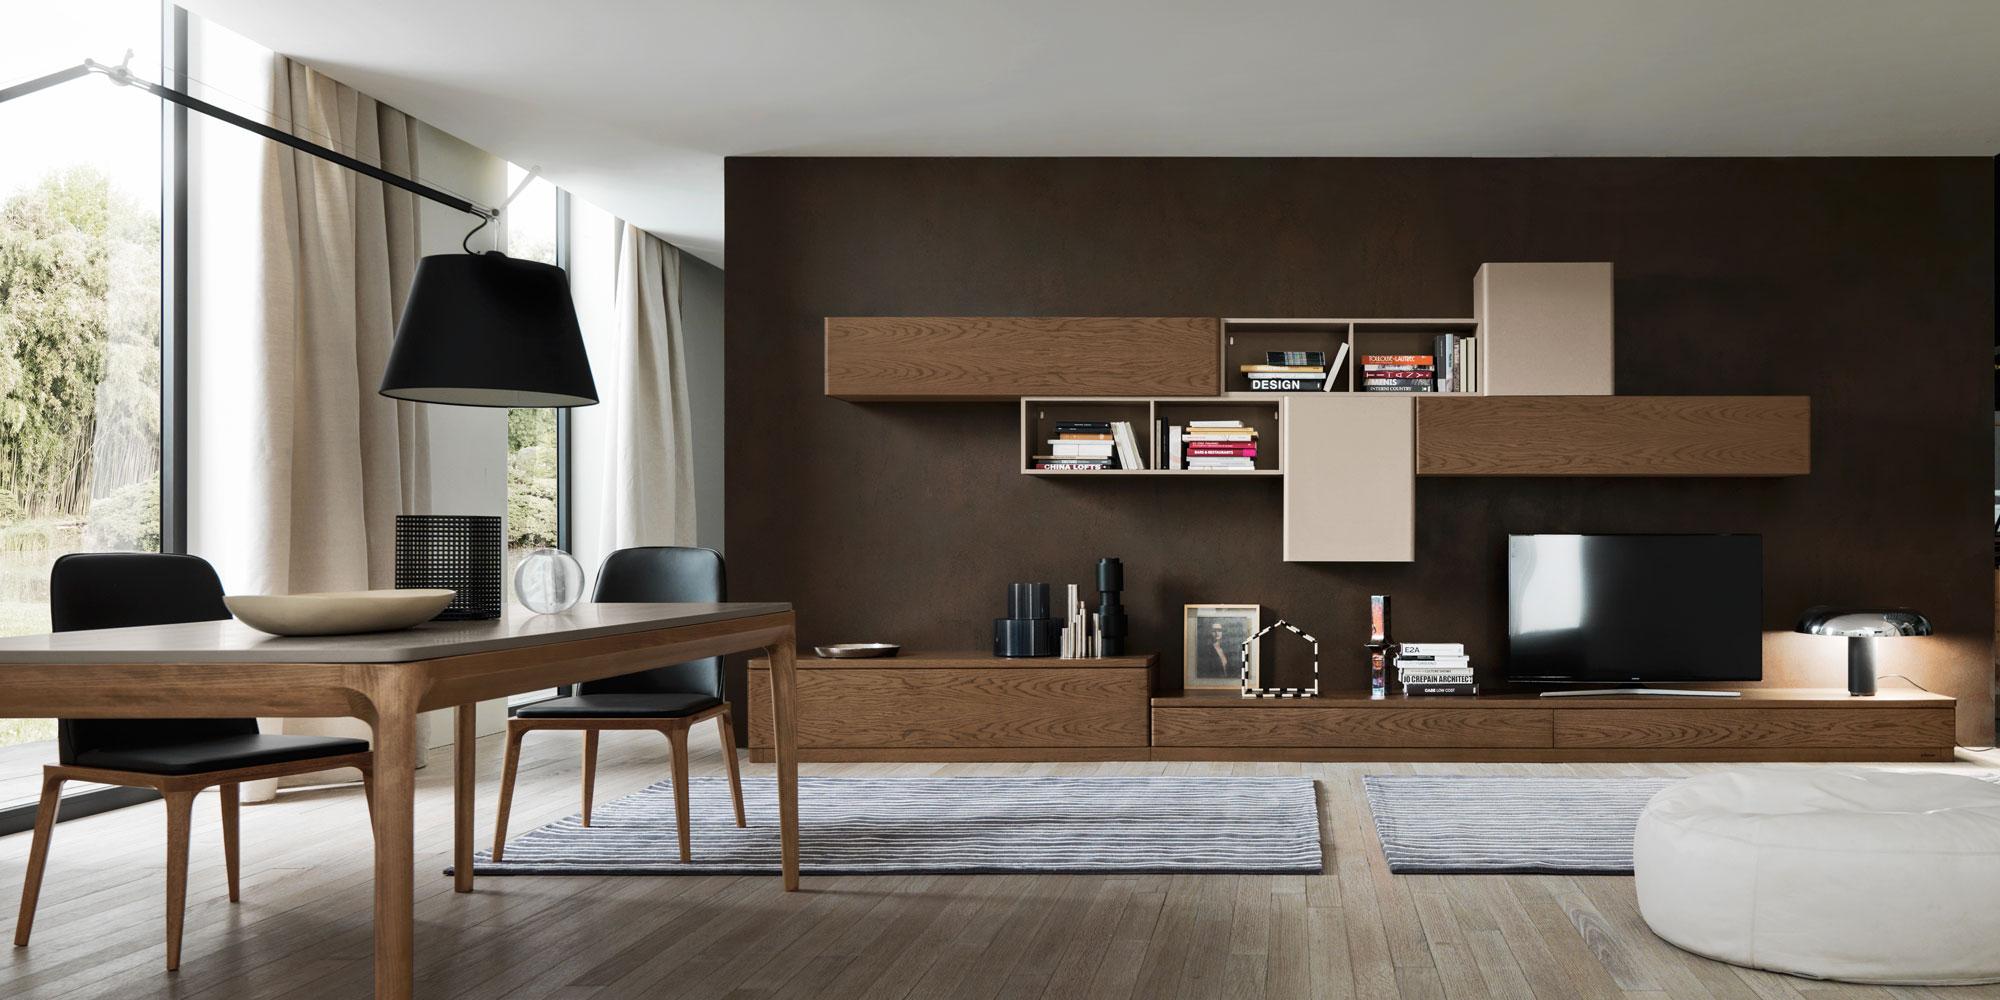 Prodotti - Mobili in legno Le Fablier | Olivieri & Bosco